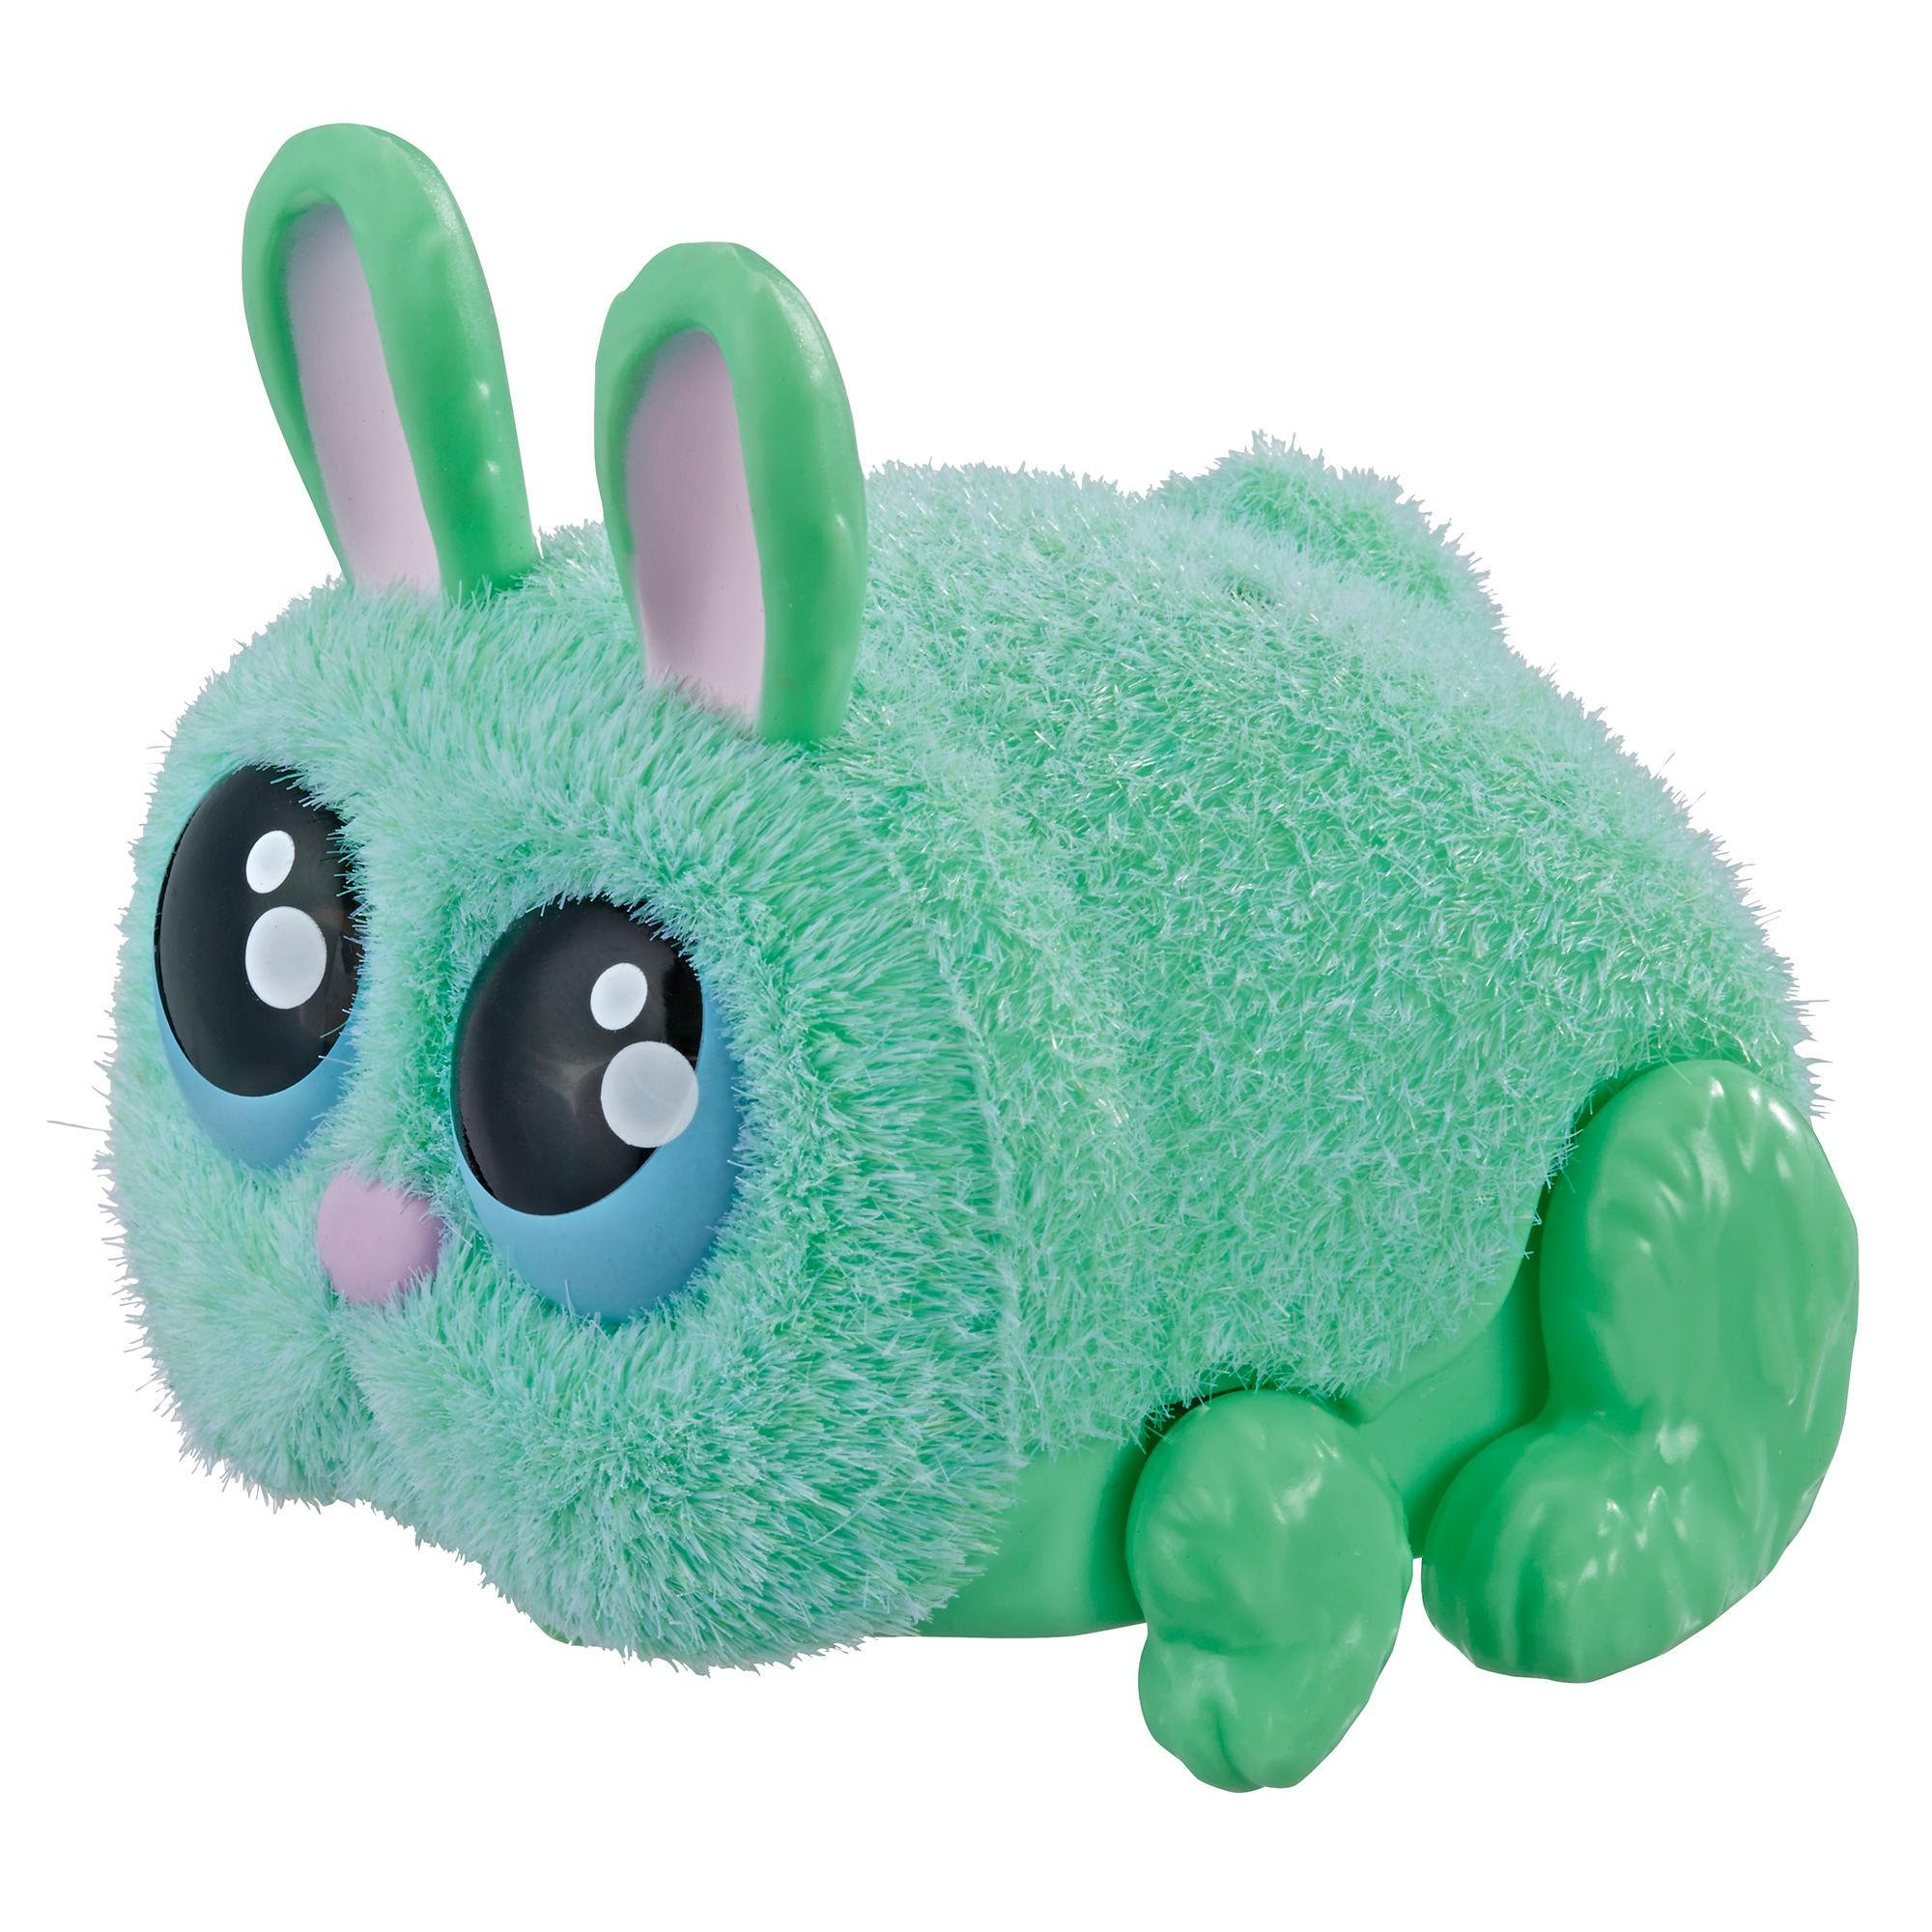 กระต่ายของเล่นทำงานตามคำสั่งเสียงชื่อสมูชสำหรับเด็กอายุตั้งแต่ 5 ปีขึ้นไป